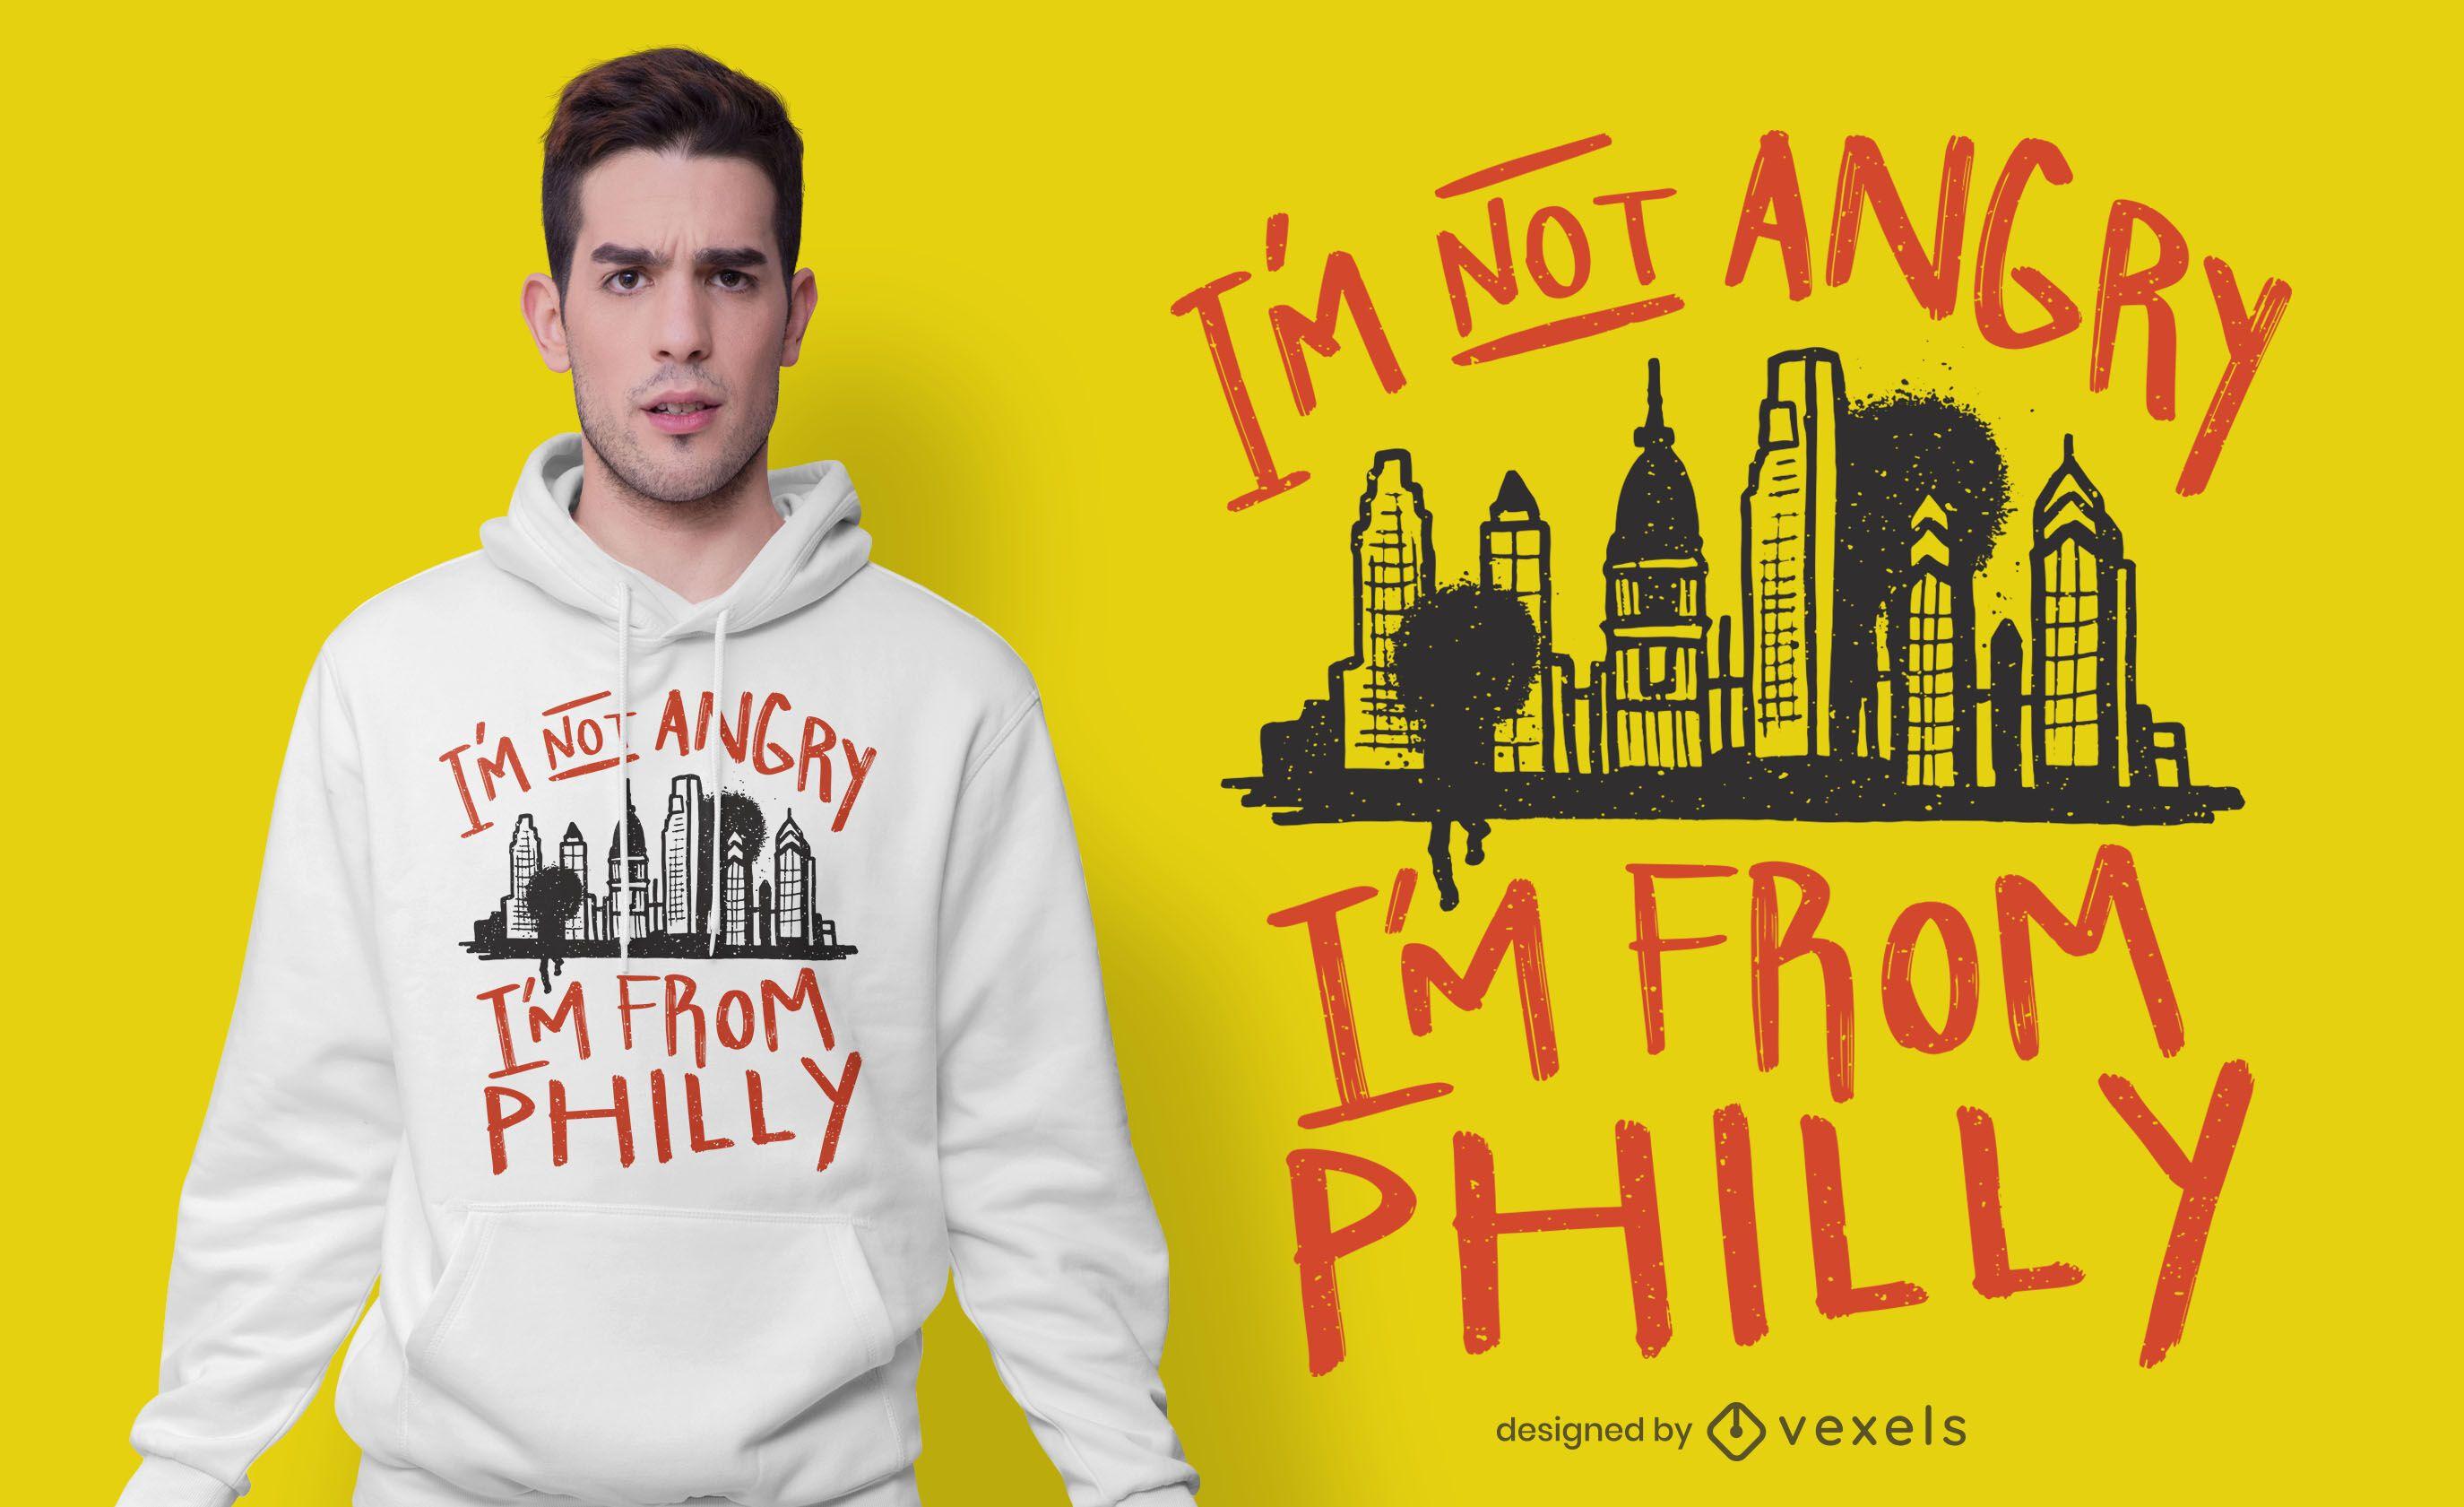 Soy de Filadelfia dise?o de camiseta